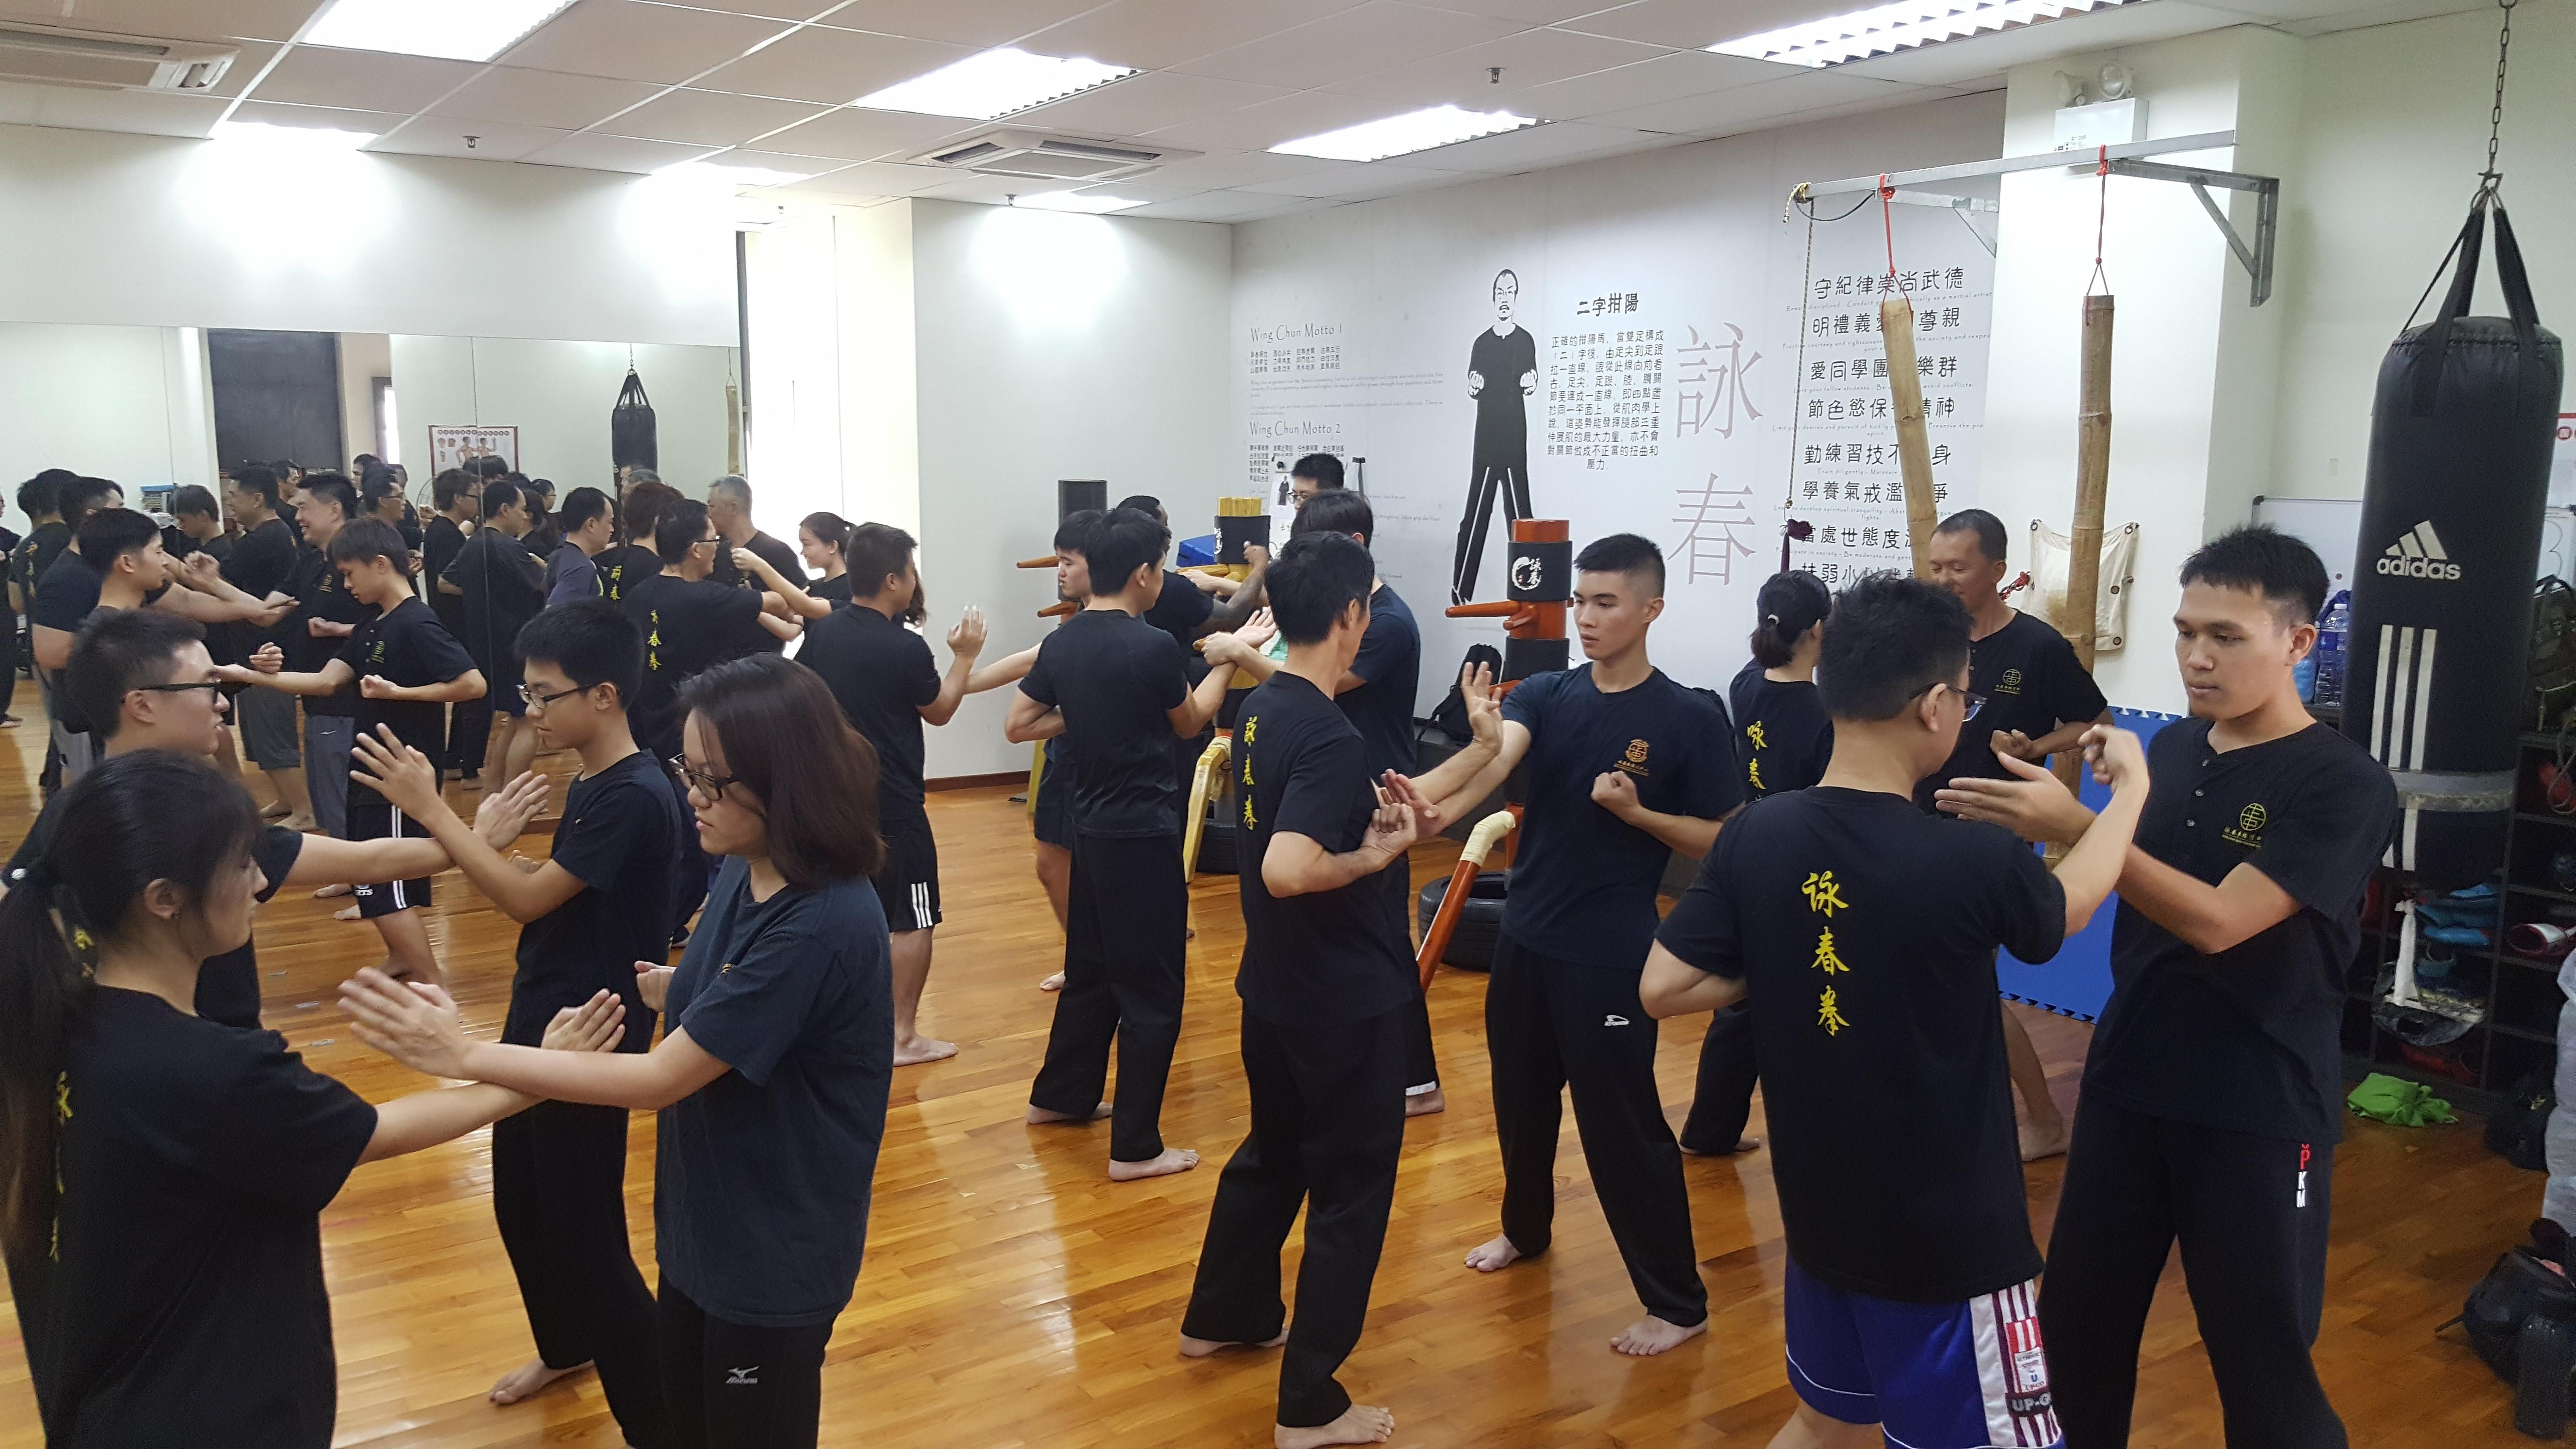 Wing Chun Kuen Class